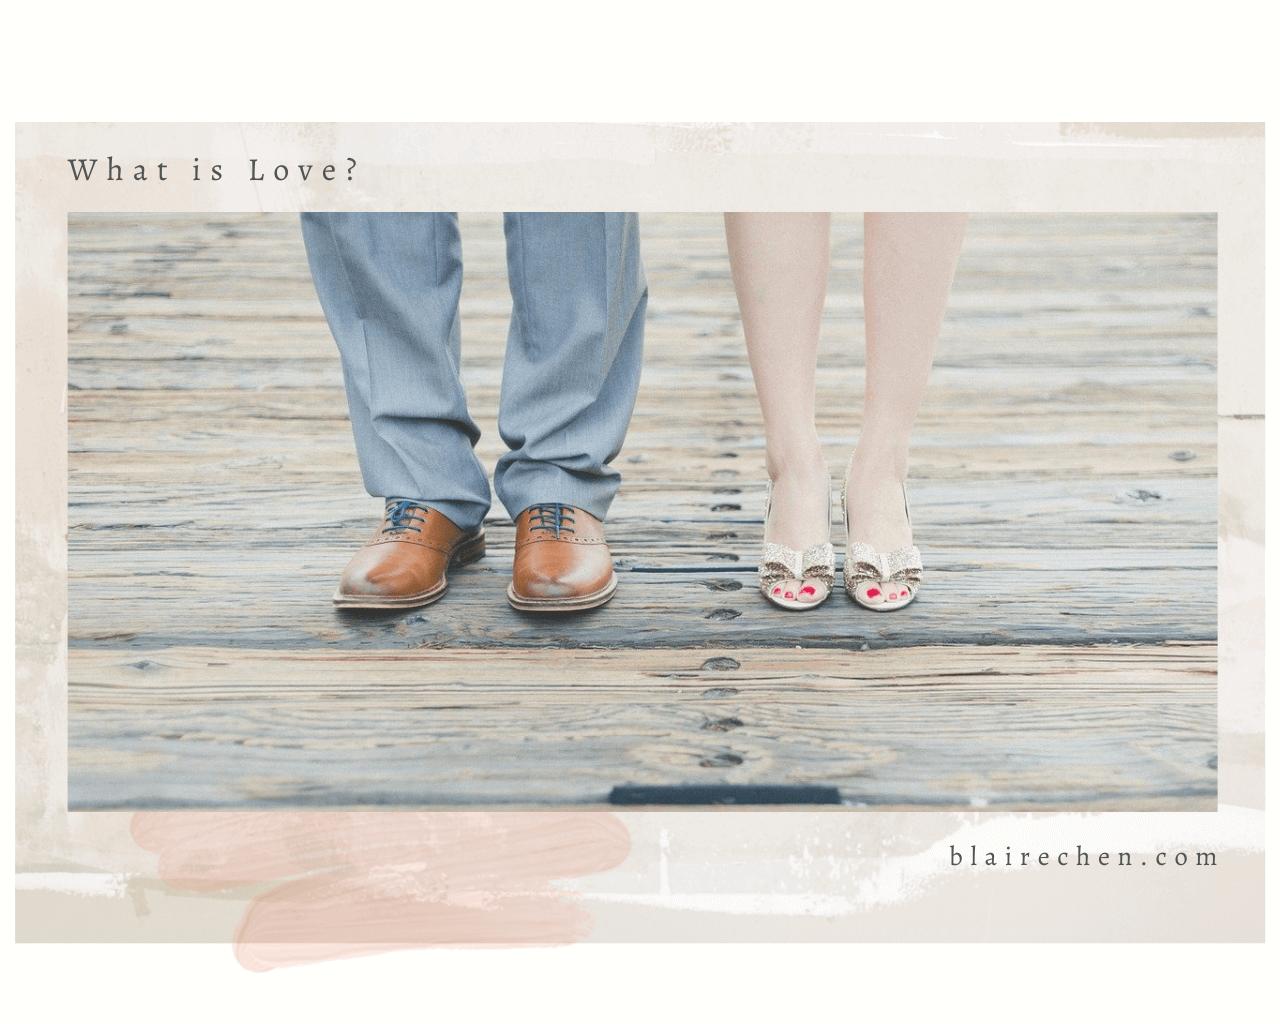 你賦予「我愛你」多少意義?5 個小心態,讓你發現喜歡和愛的差別!